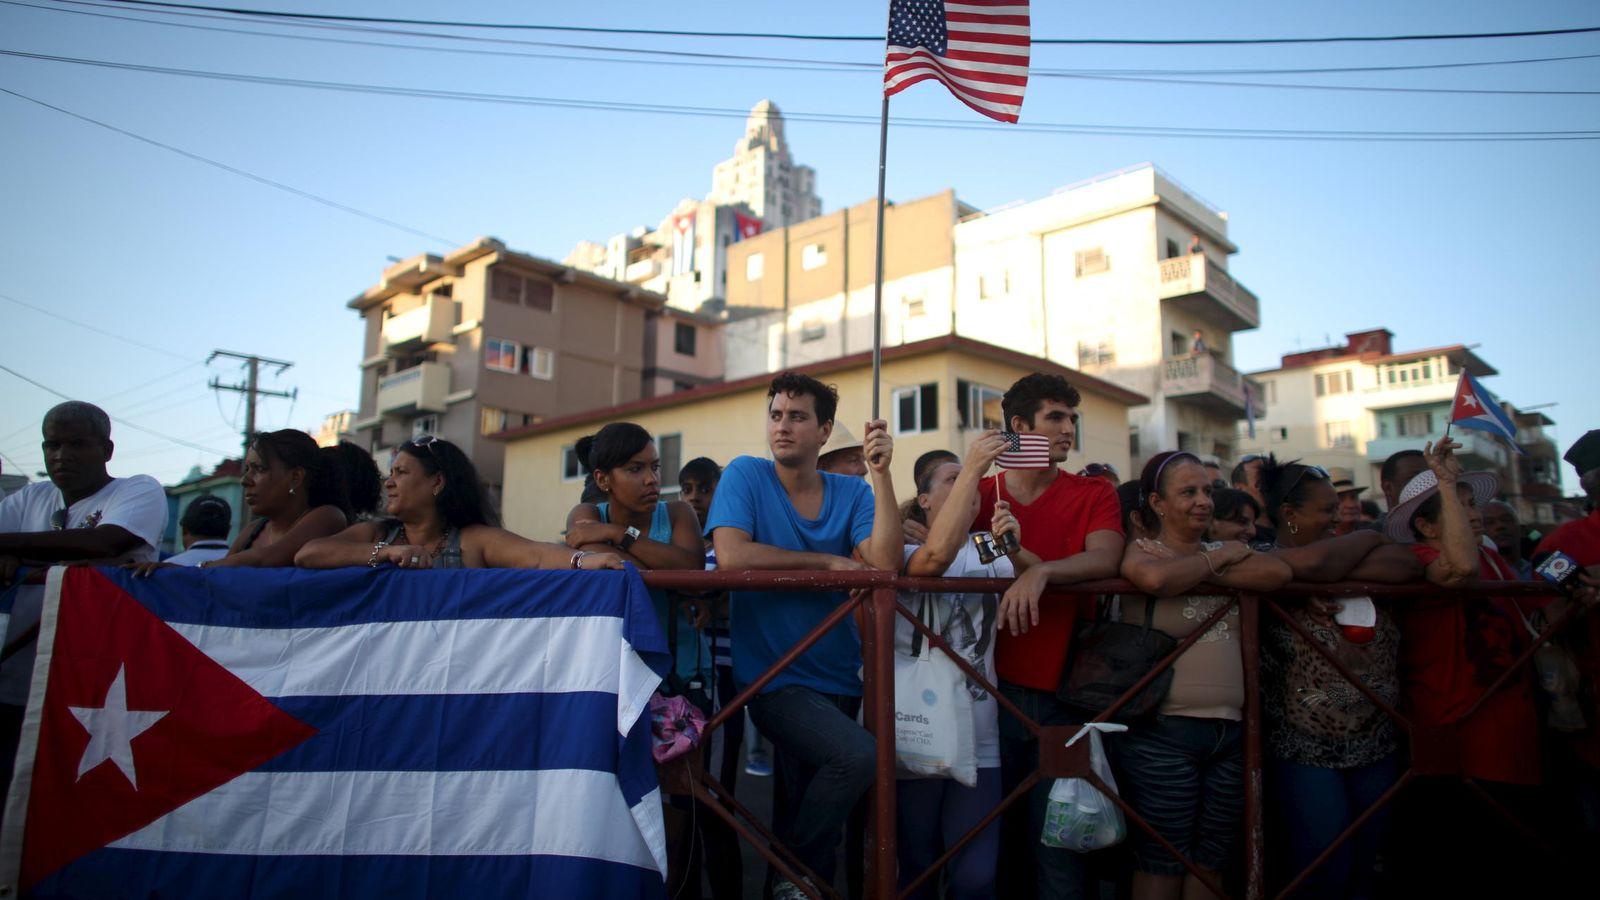 Foto: Un cubano sostiene una bandera estadounidense durante un desfile cerca de la embajada de EEUU en La Habana. (Reuters)